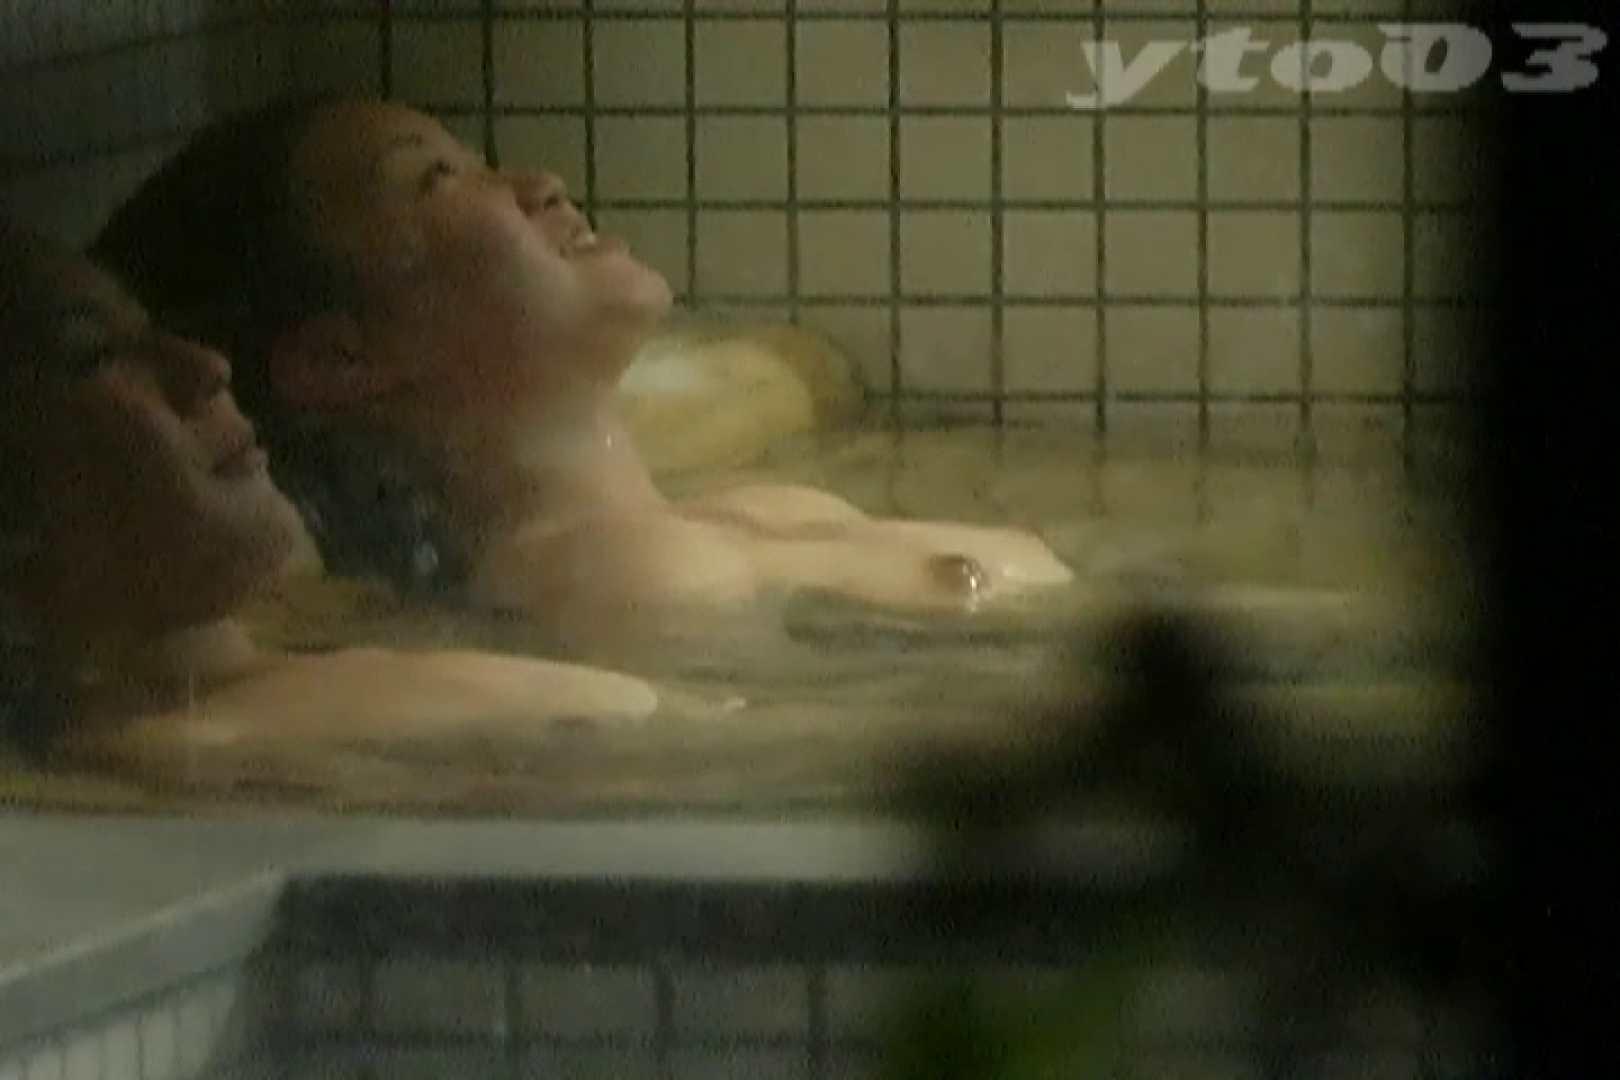 【期間限定配信】合宿ホテル女風呂盗撮 Vol.16 露天丸見え ヌード画像 85画像 45